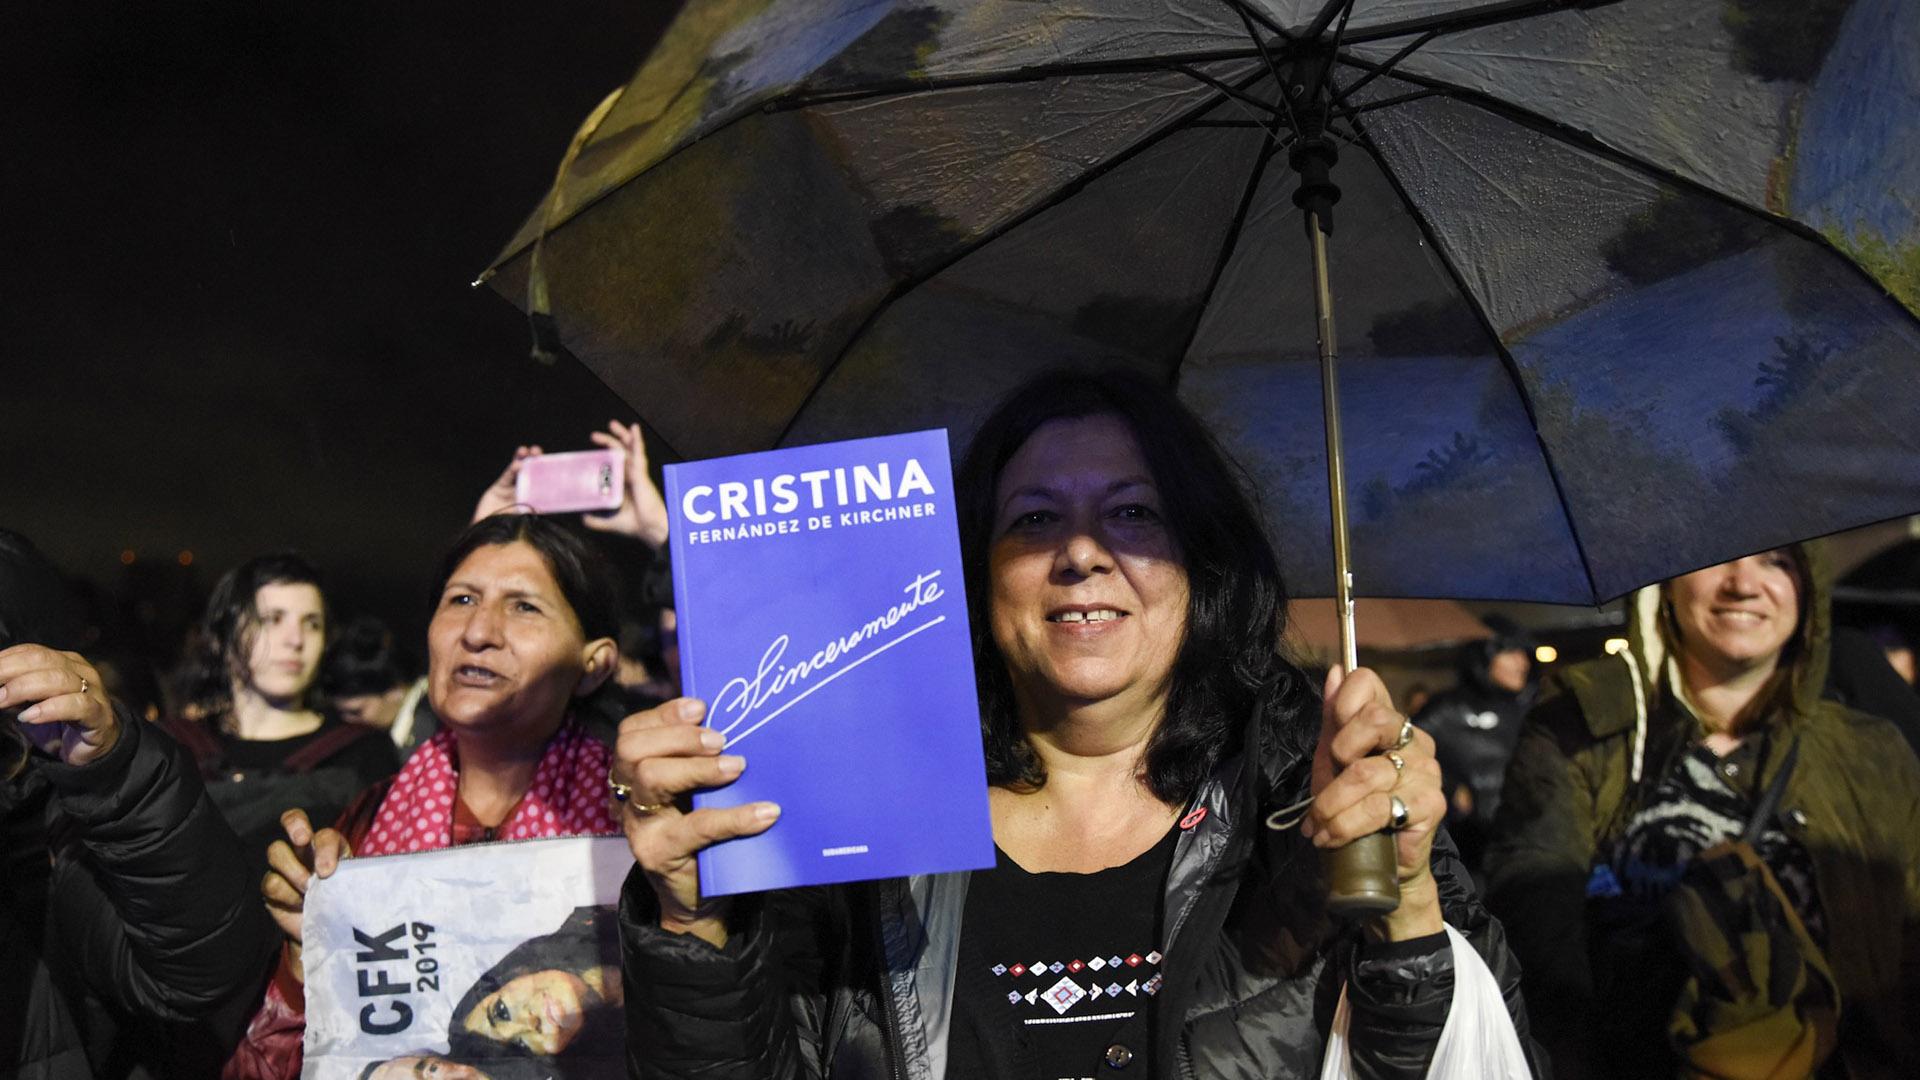 Los militantes fueron a la feria con el libro de la ex presidenta en la mano